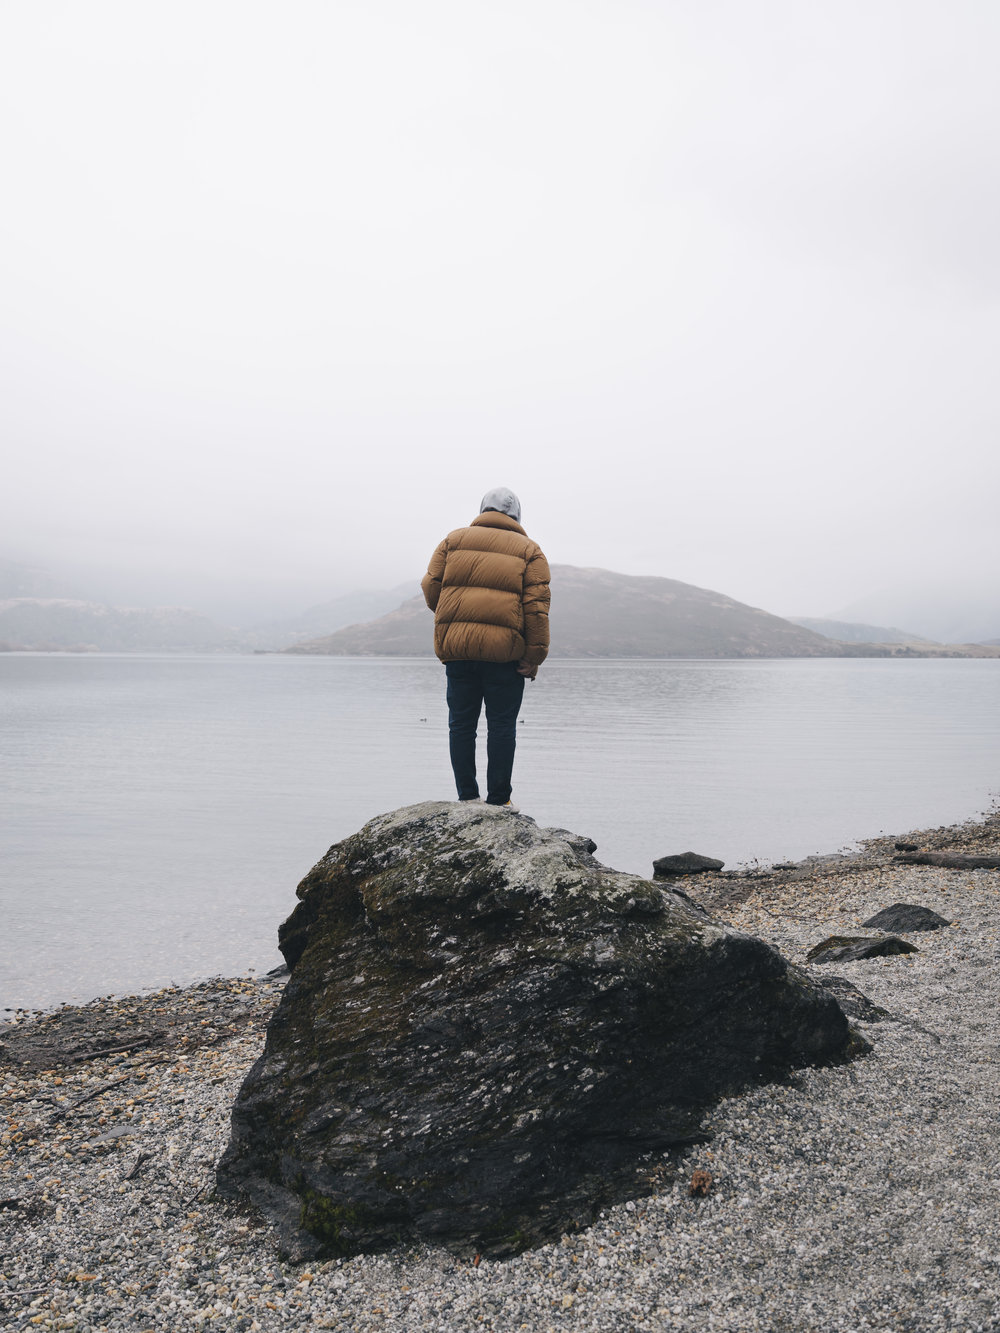 Hondo on Lake Wanaka  |8.30.17| Wanaka, New Zealand